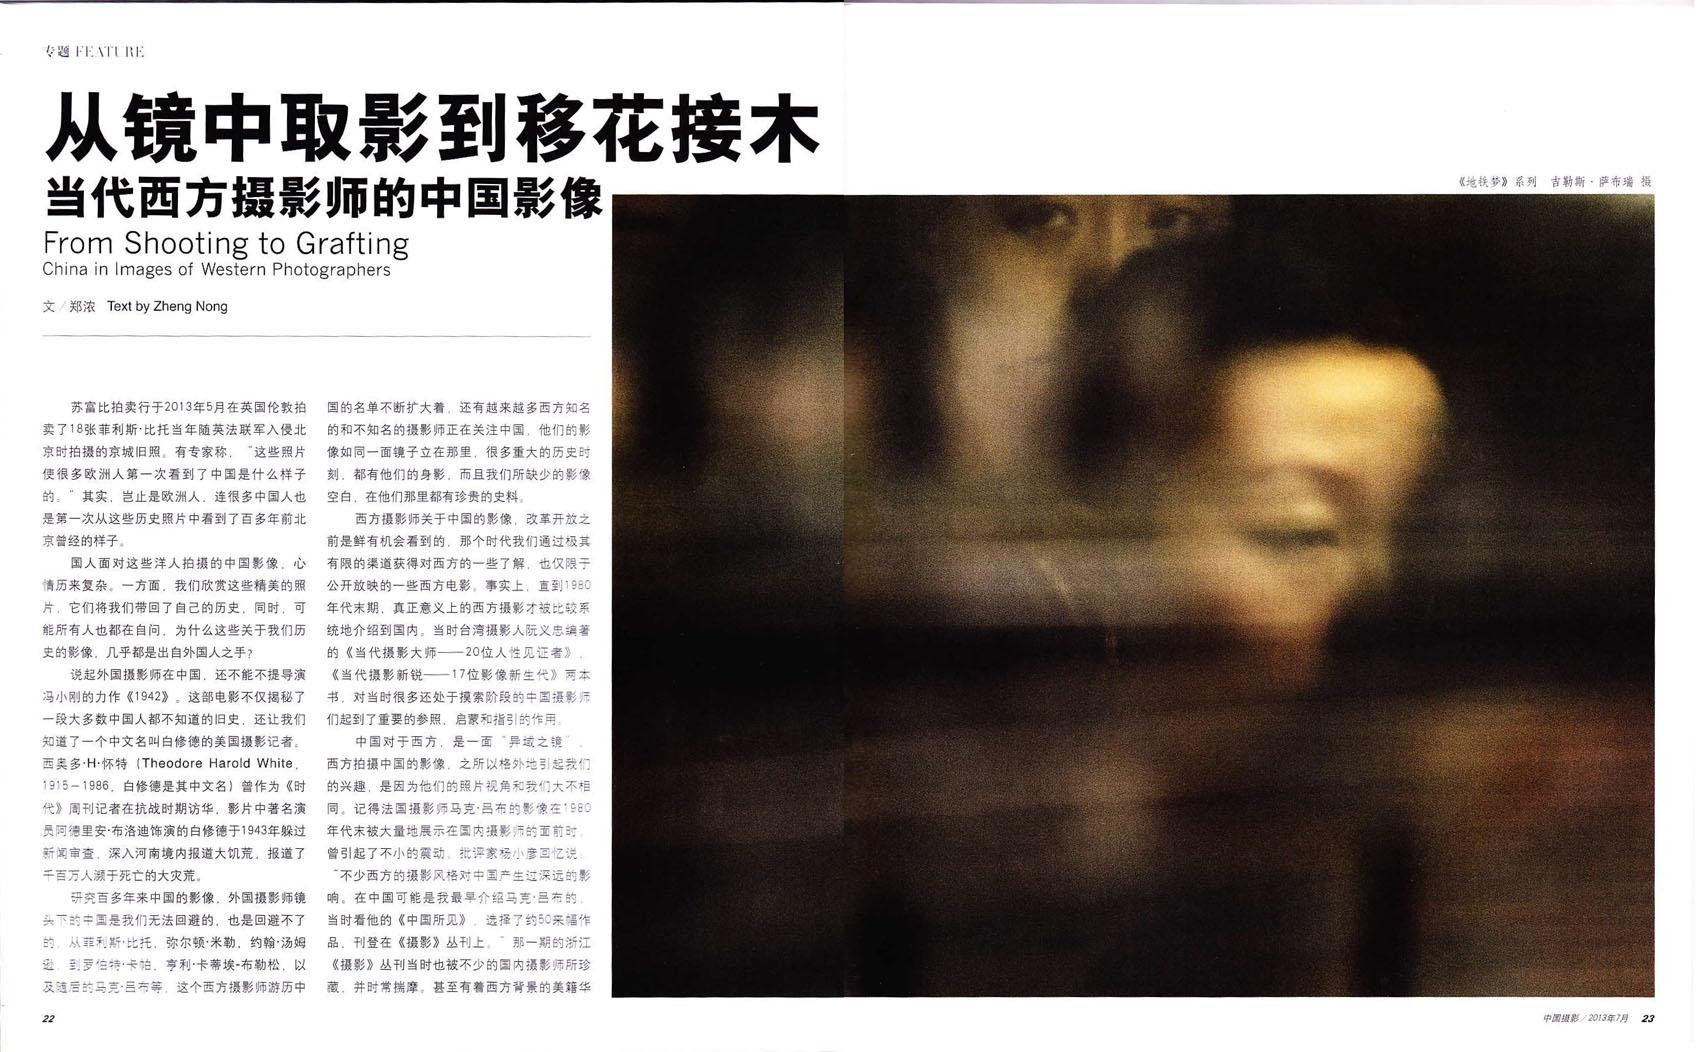 chinese photography magazine-1.jpg